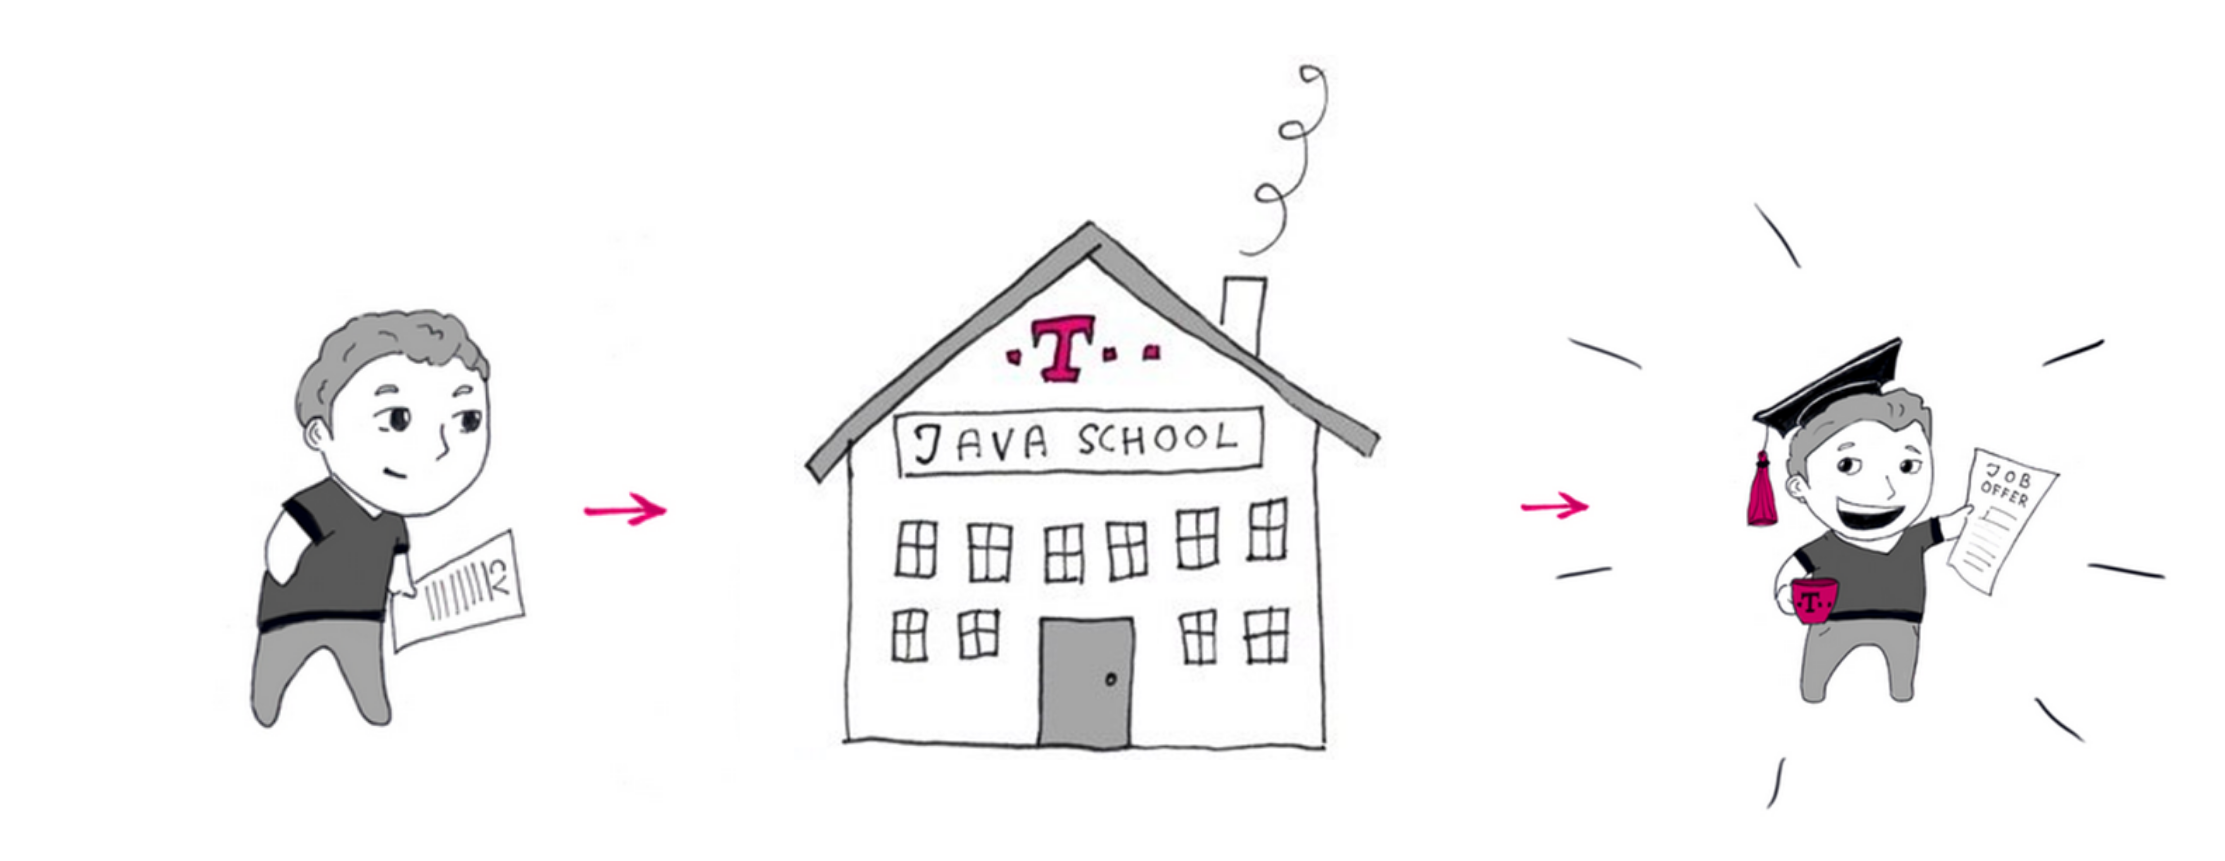 Наша школа  это больше, чем просто источник кадров интервью с основателями Java School